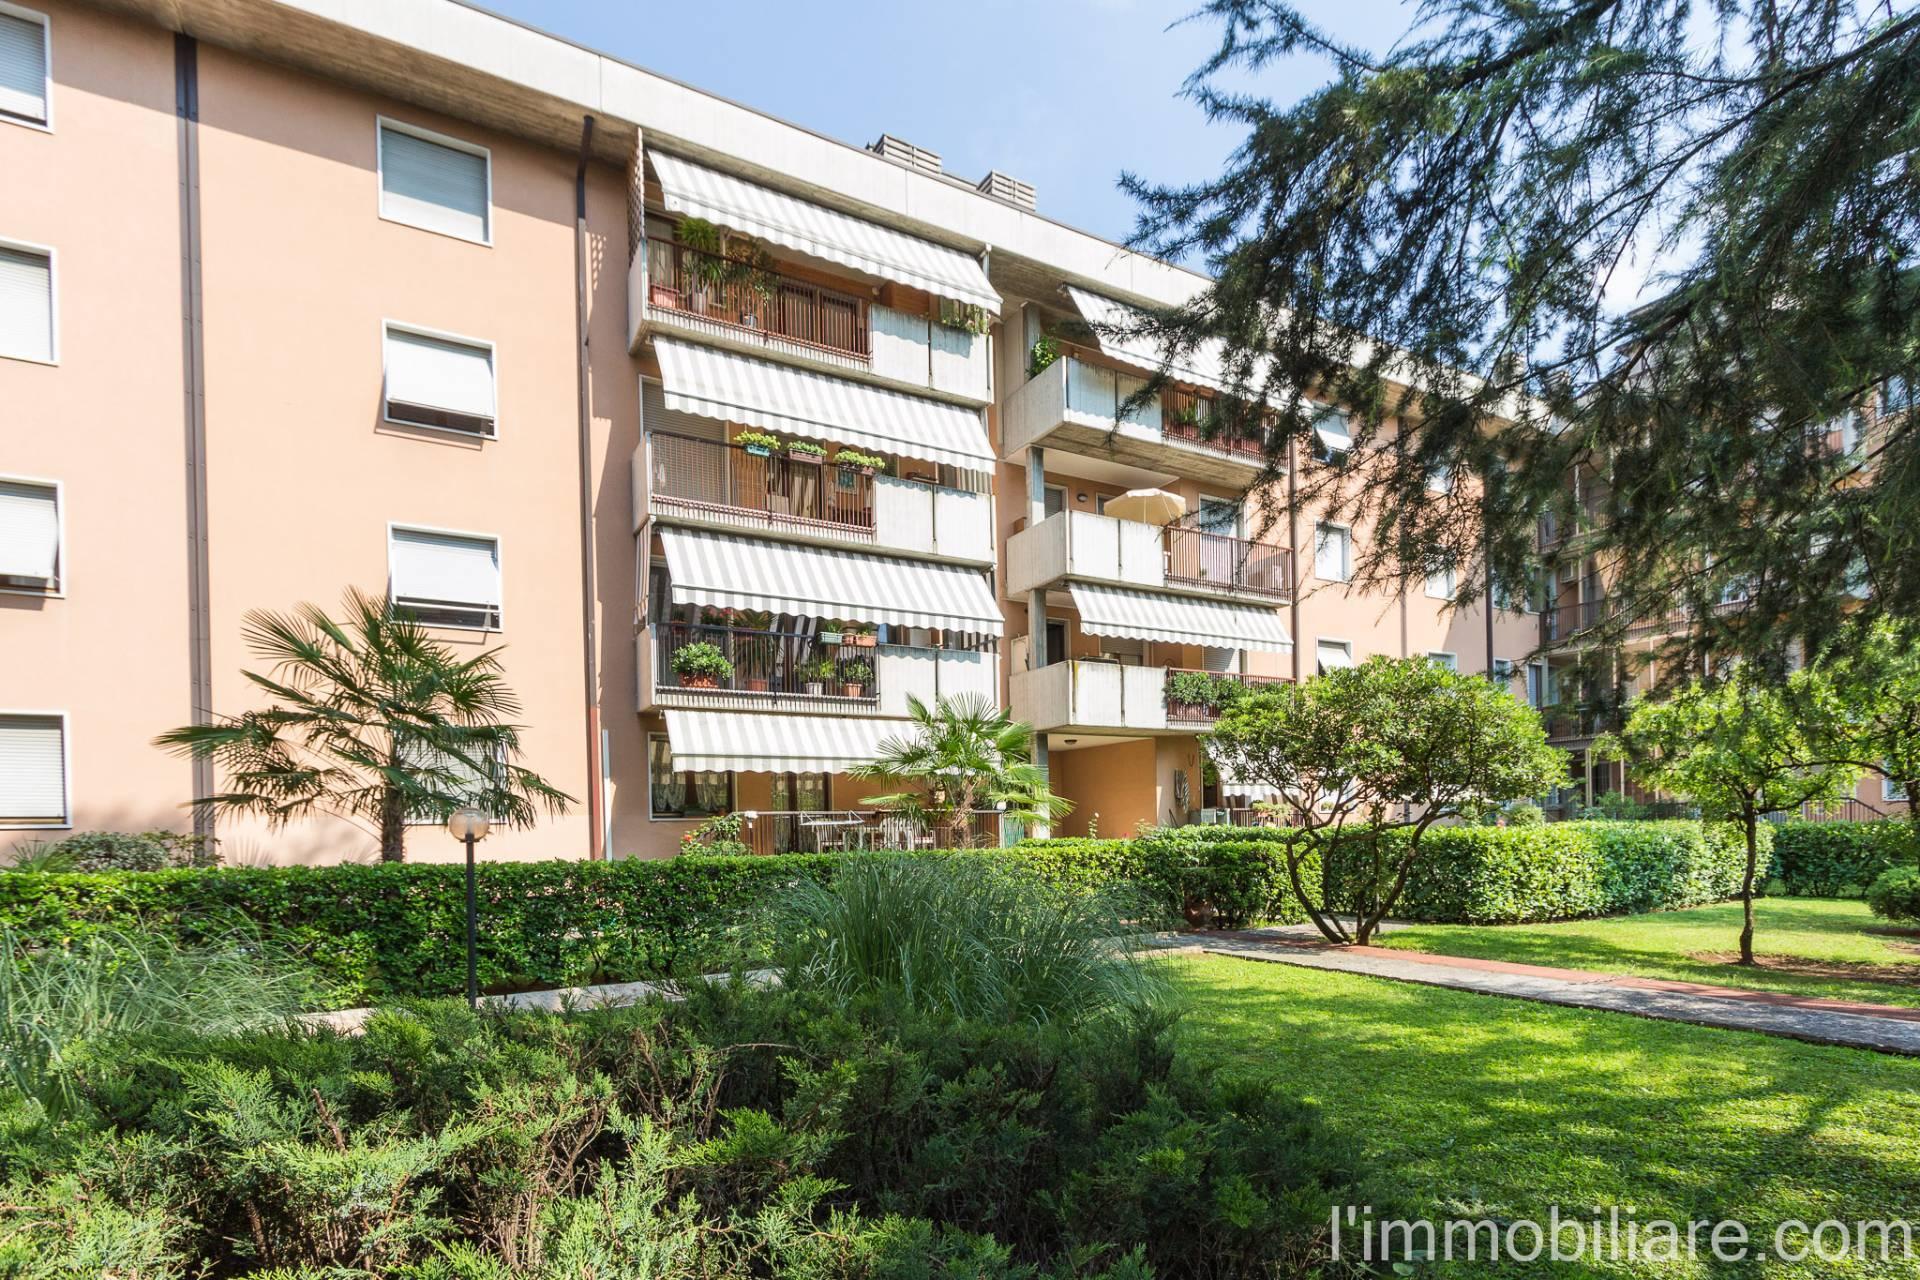 Appartamento in affitto a Verona, 5 locali, zona Località: PonteCrencano, prezzo € 850 | PortaleAgenzieImmobiliari.it